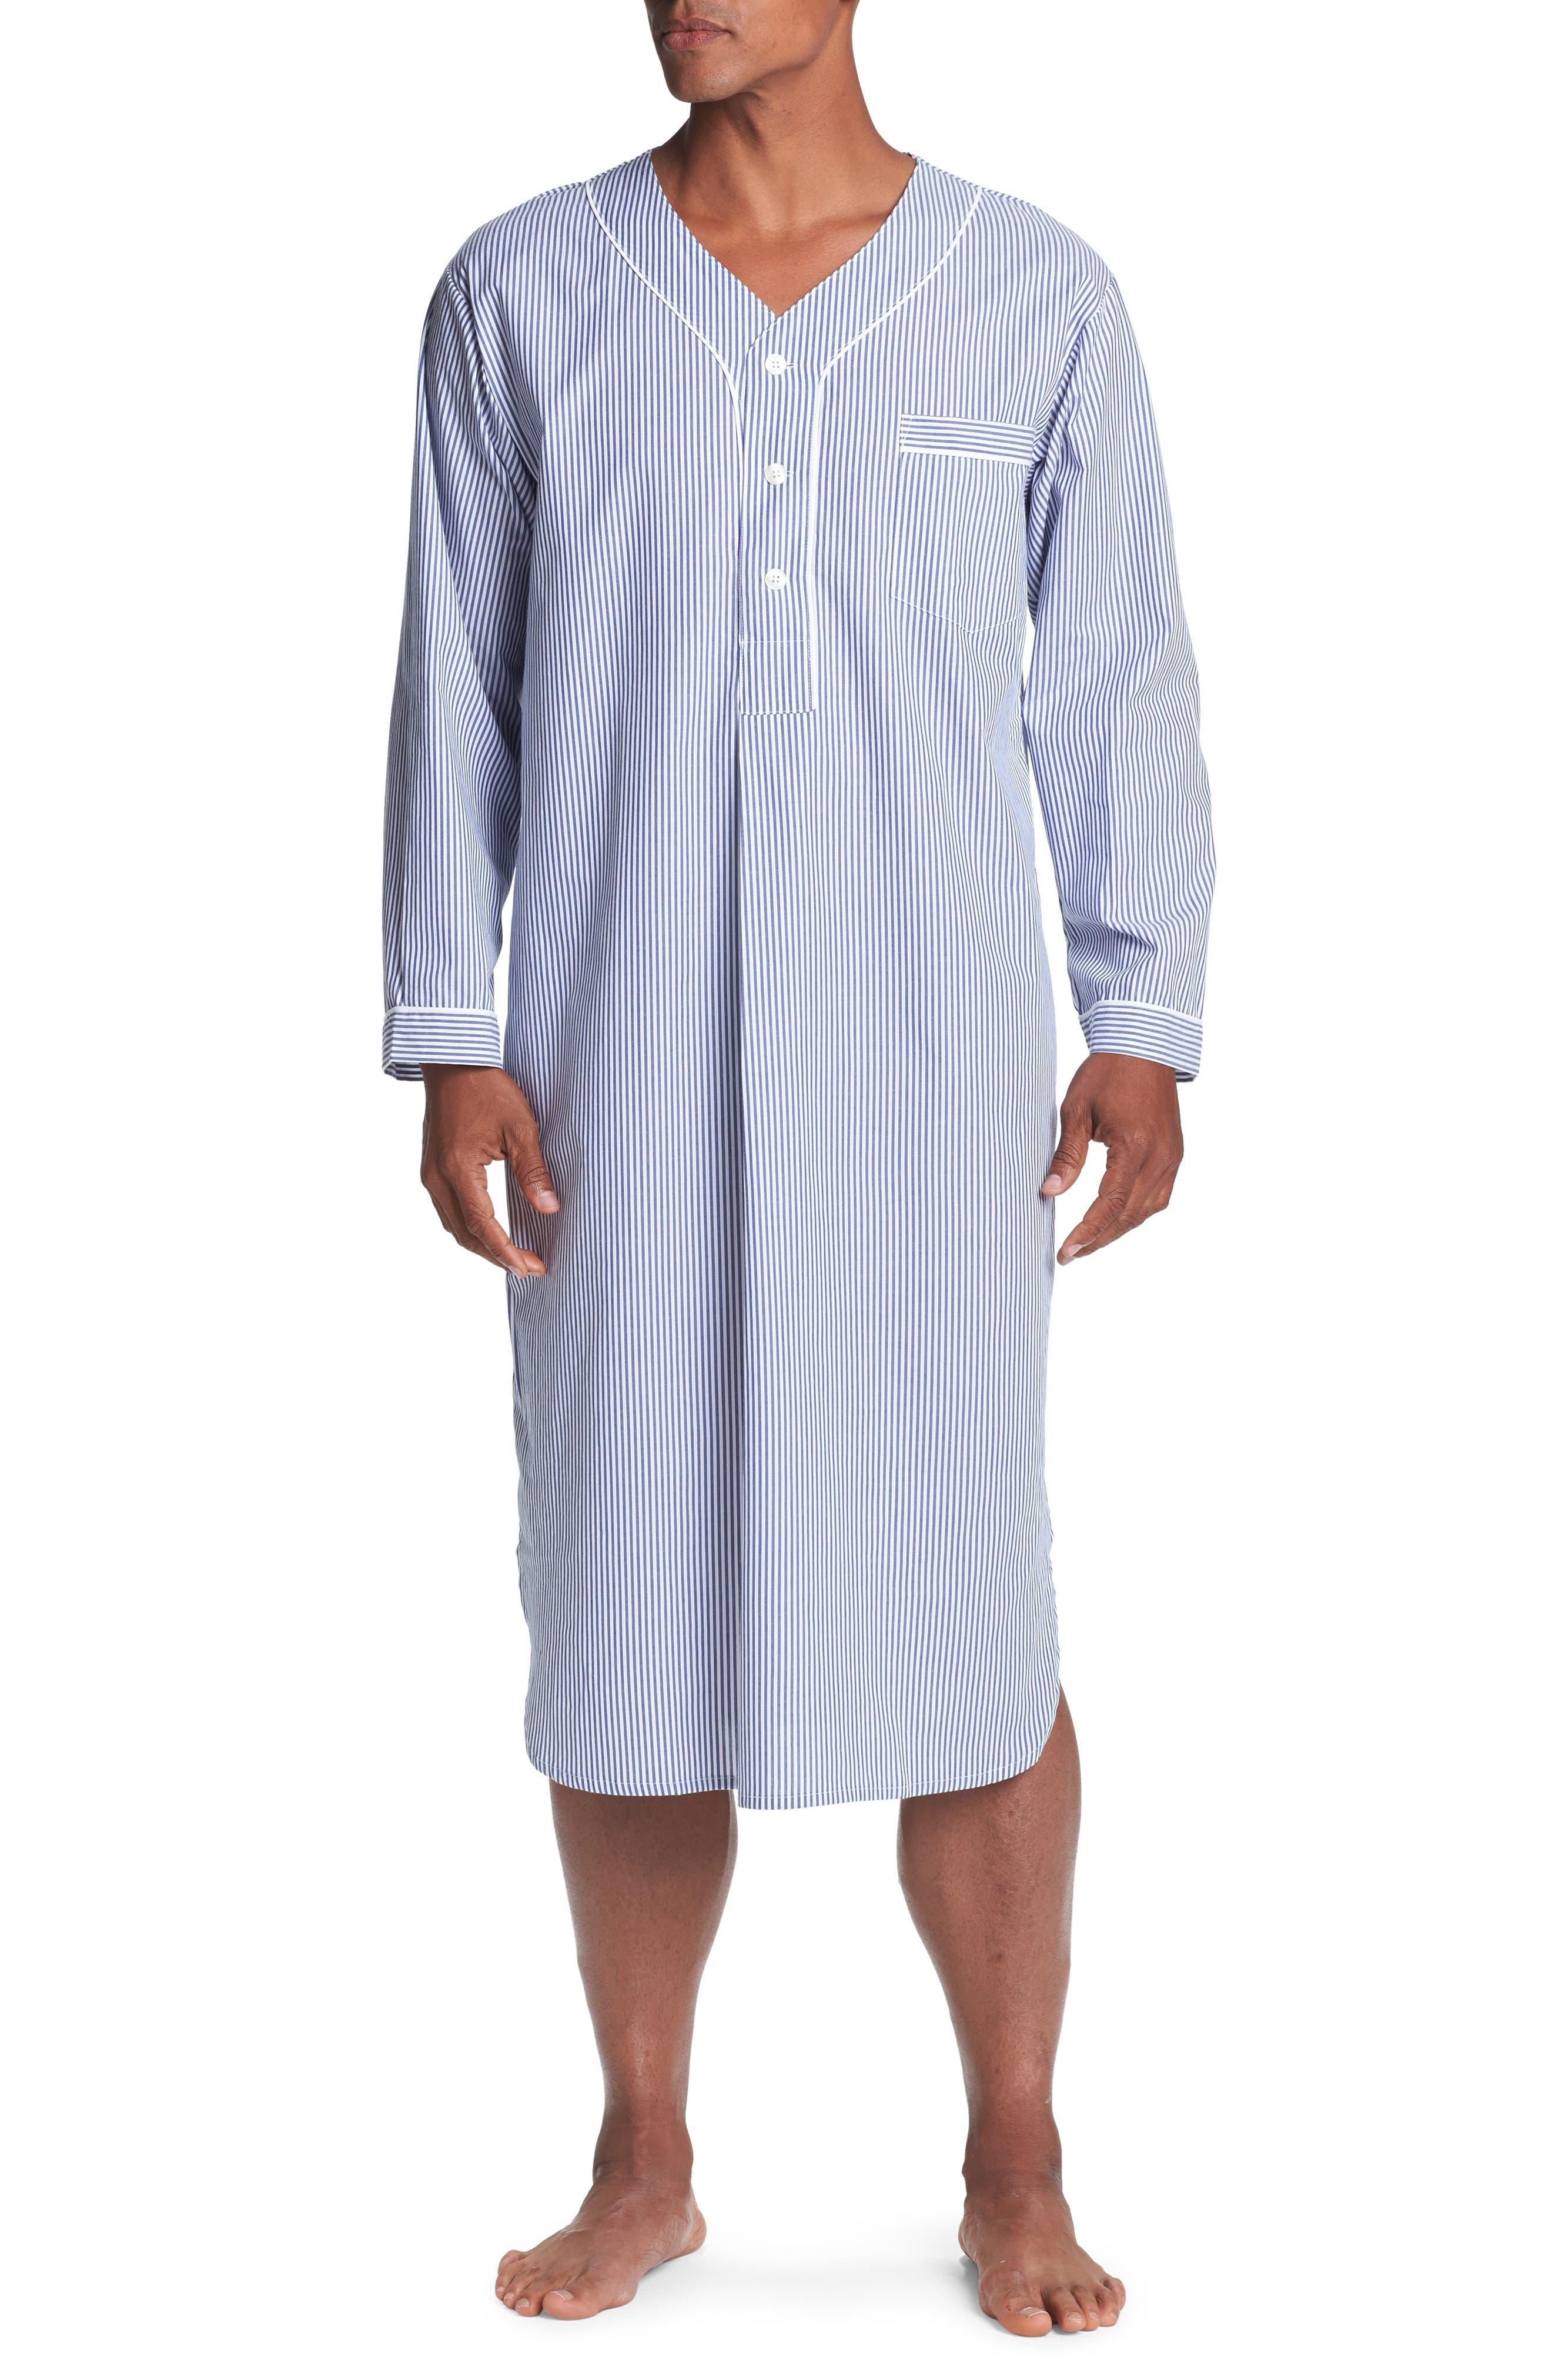 Vintage Men's Underwear Mens Majestic International Cotton Nightshirt Size SmallMedium - Blue $60.00 AT vintagedancer.com